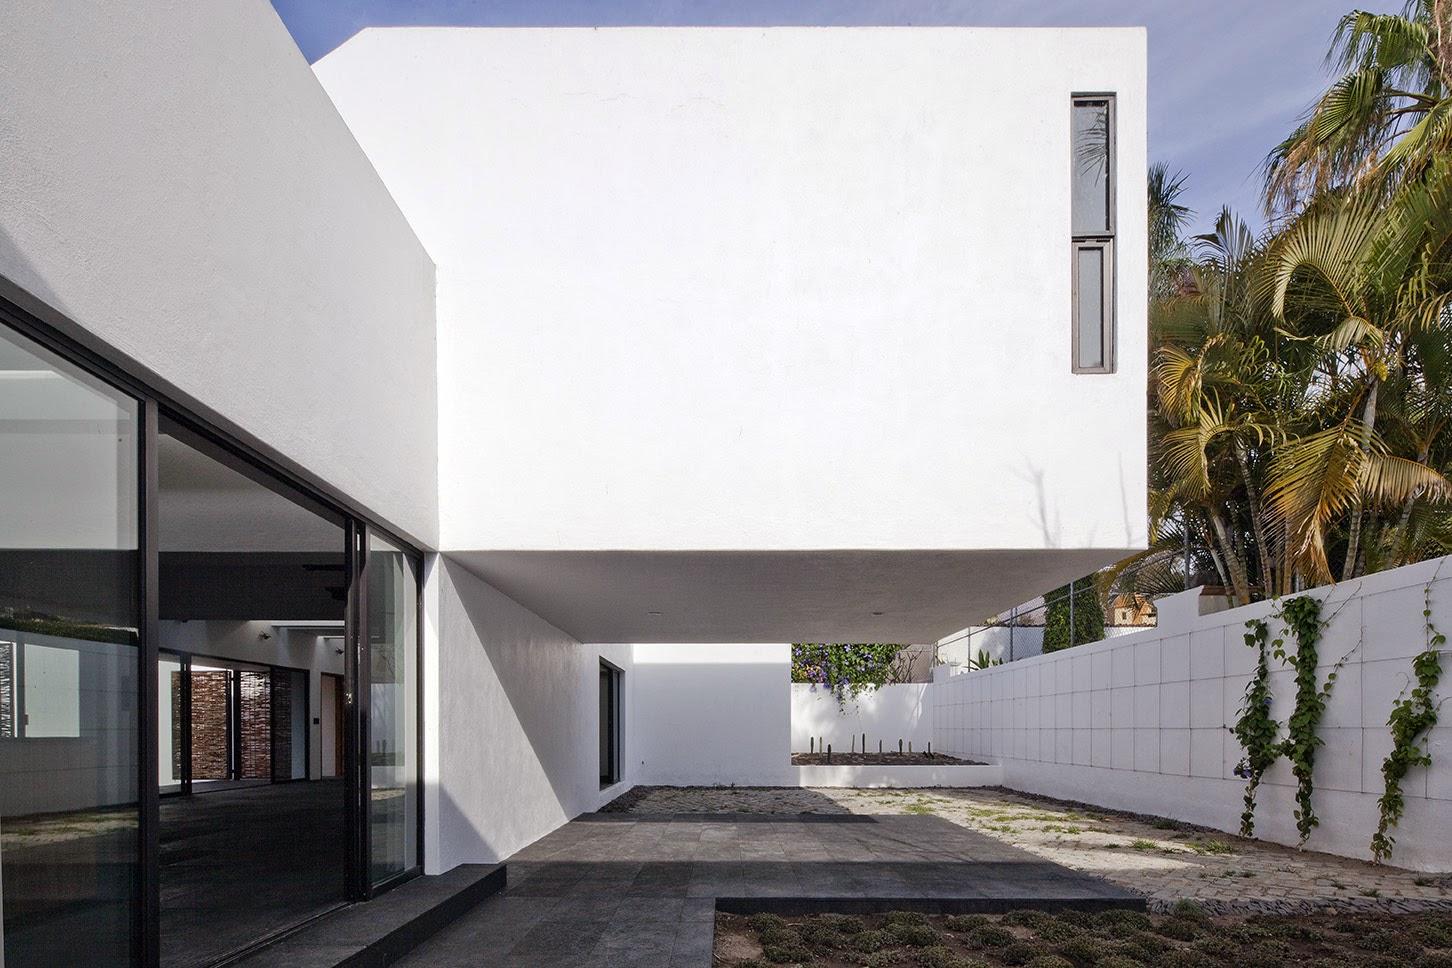 Rumah dengan Perpaduan Lokalitas dan Modernitas 13